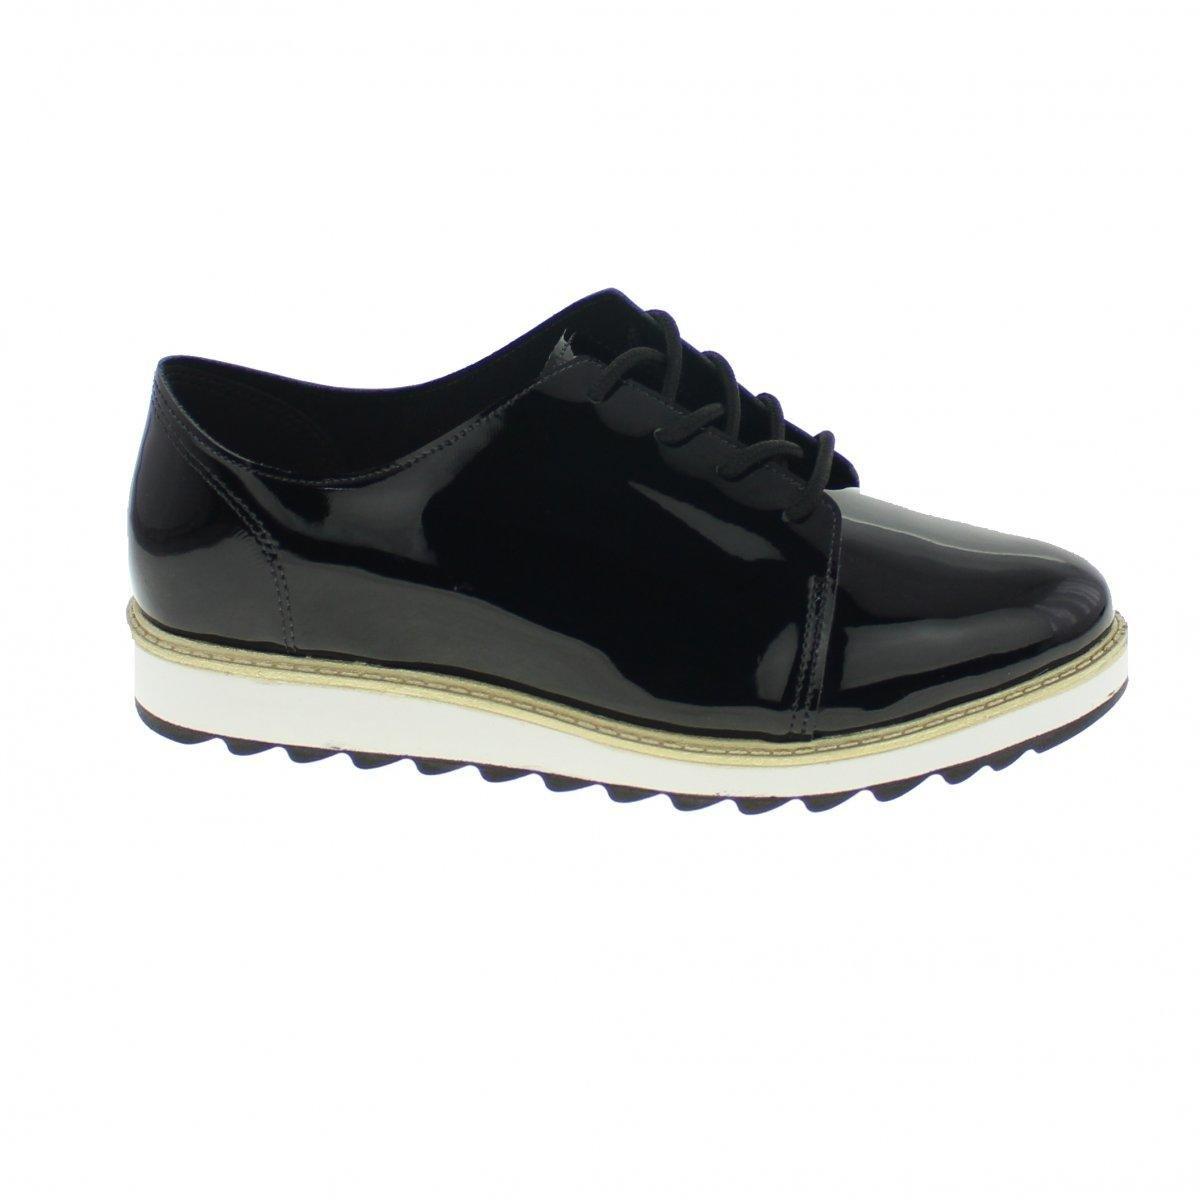 457e4757b Sapato infantil oxford molekinha verniz feminino preto compre jpg 1200x1200  Sapato infantil oxford molekinha verniz preto